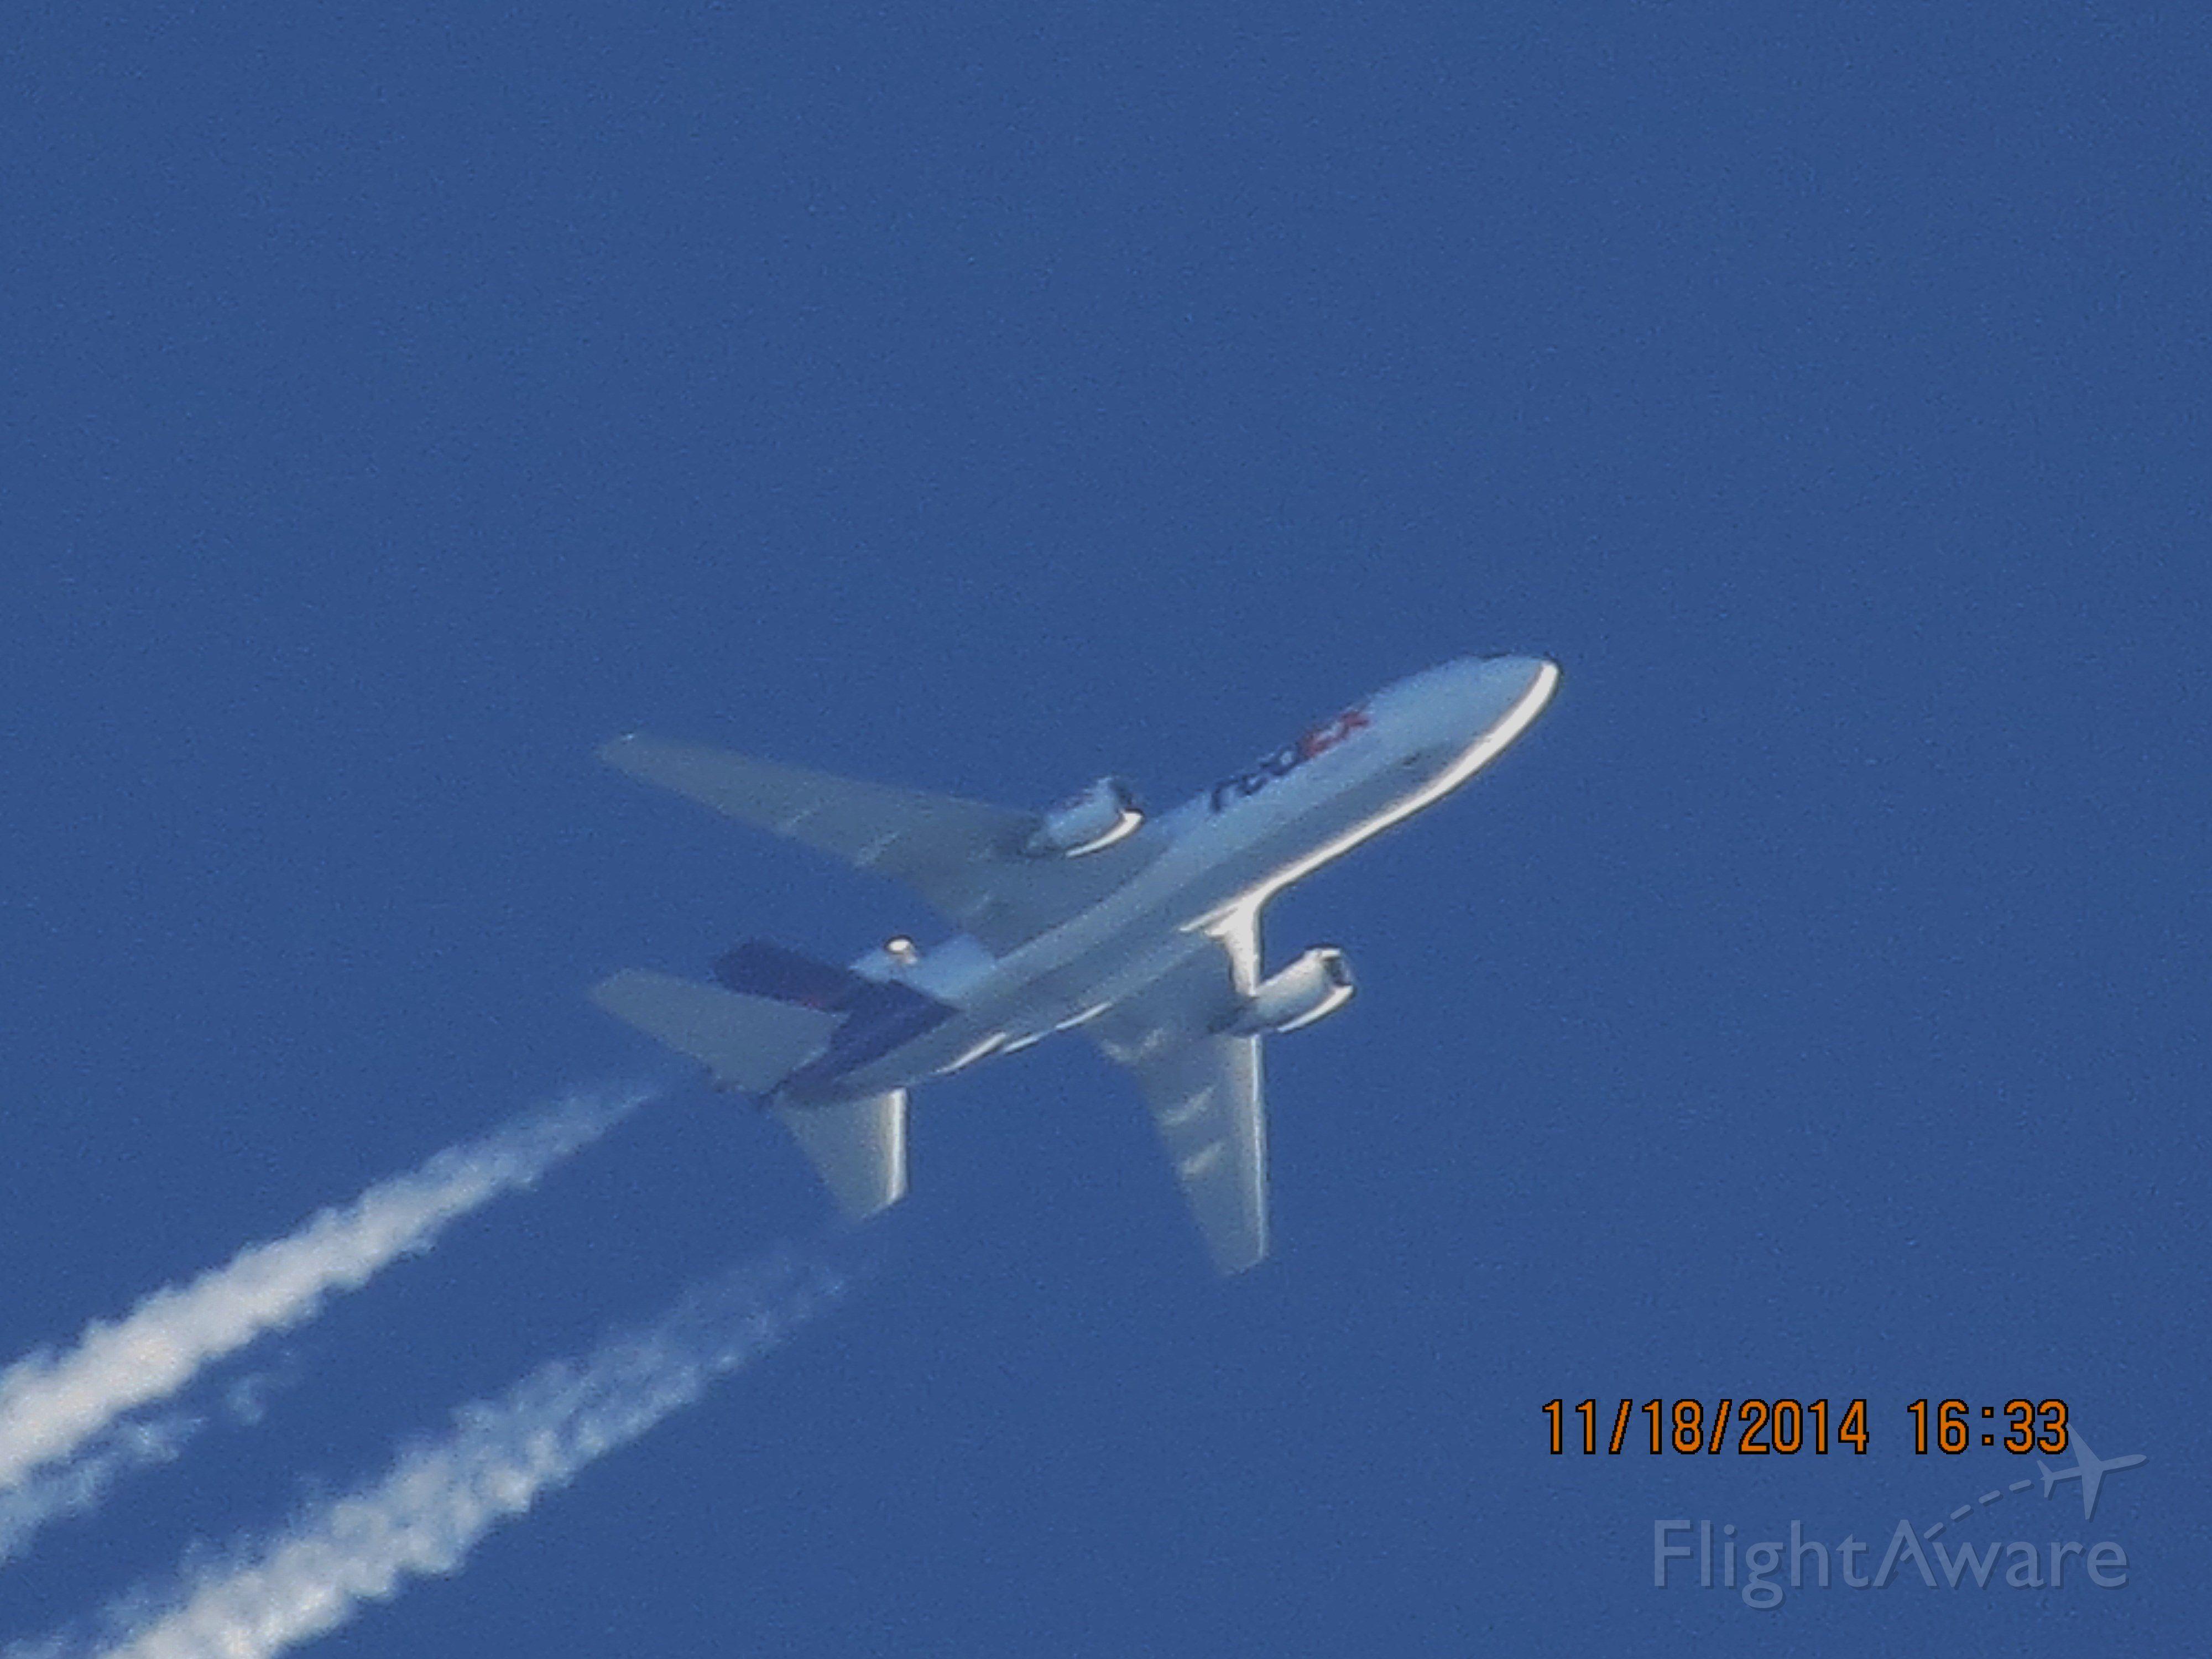 McDonnell Douglas DC-10 (N308FE) - FedEx flight 597 from MEM to SEA over Baxter Springs Kansas (78KS) at 34,000 feet.